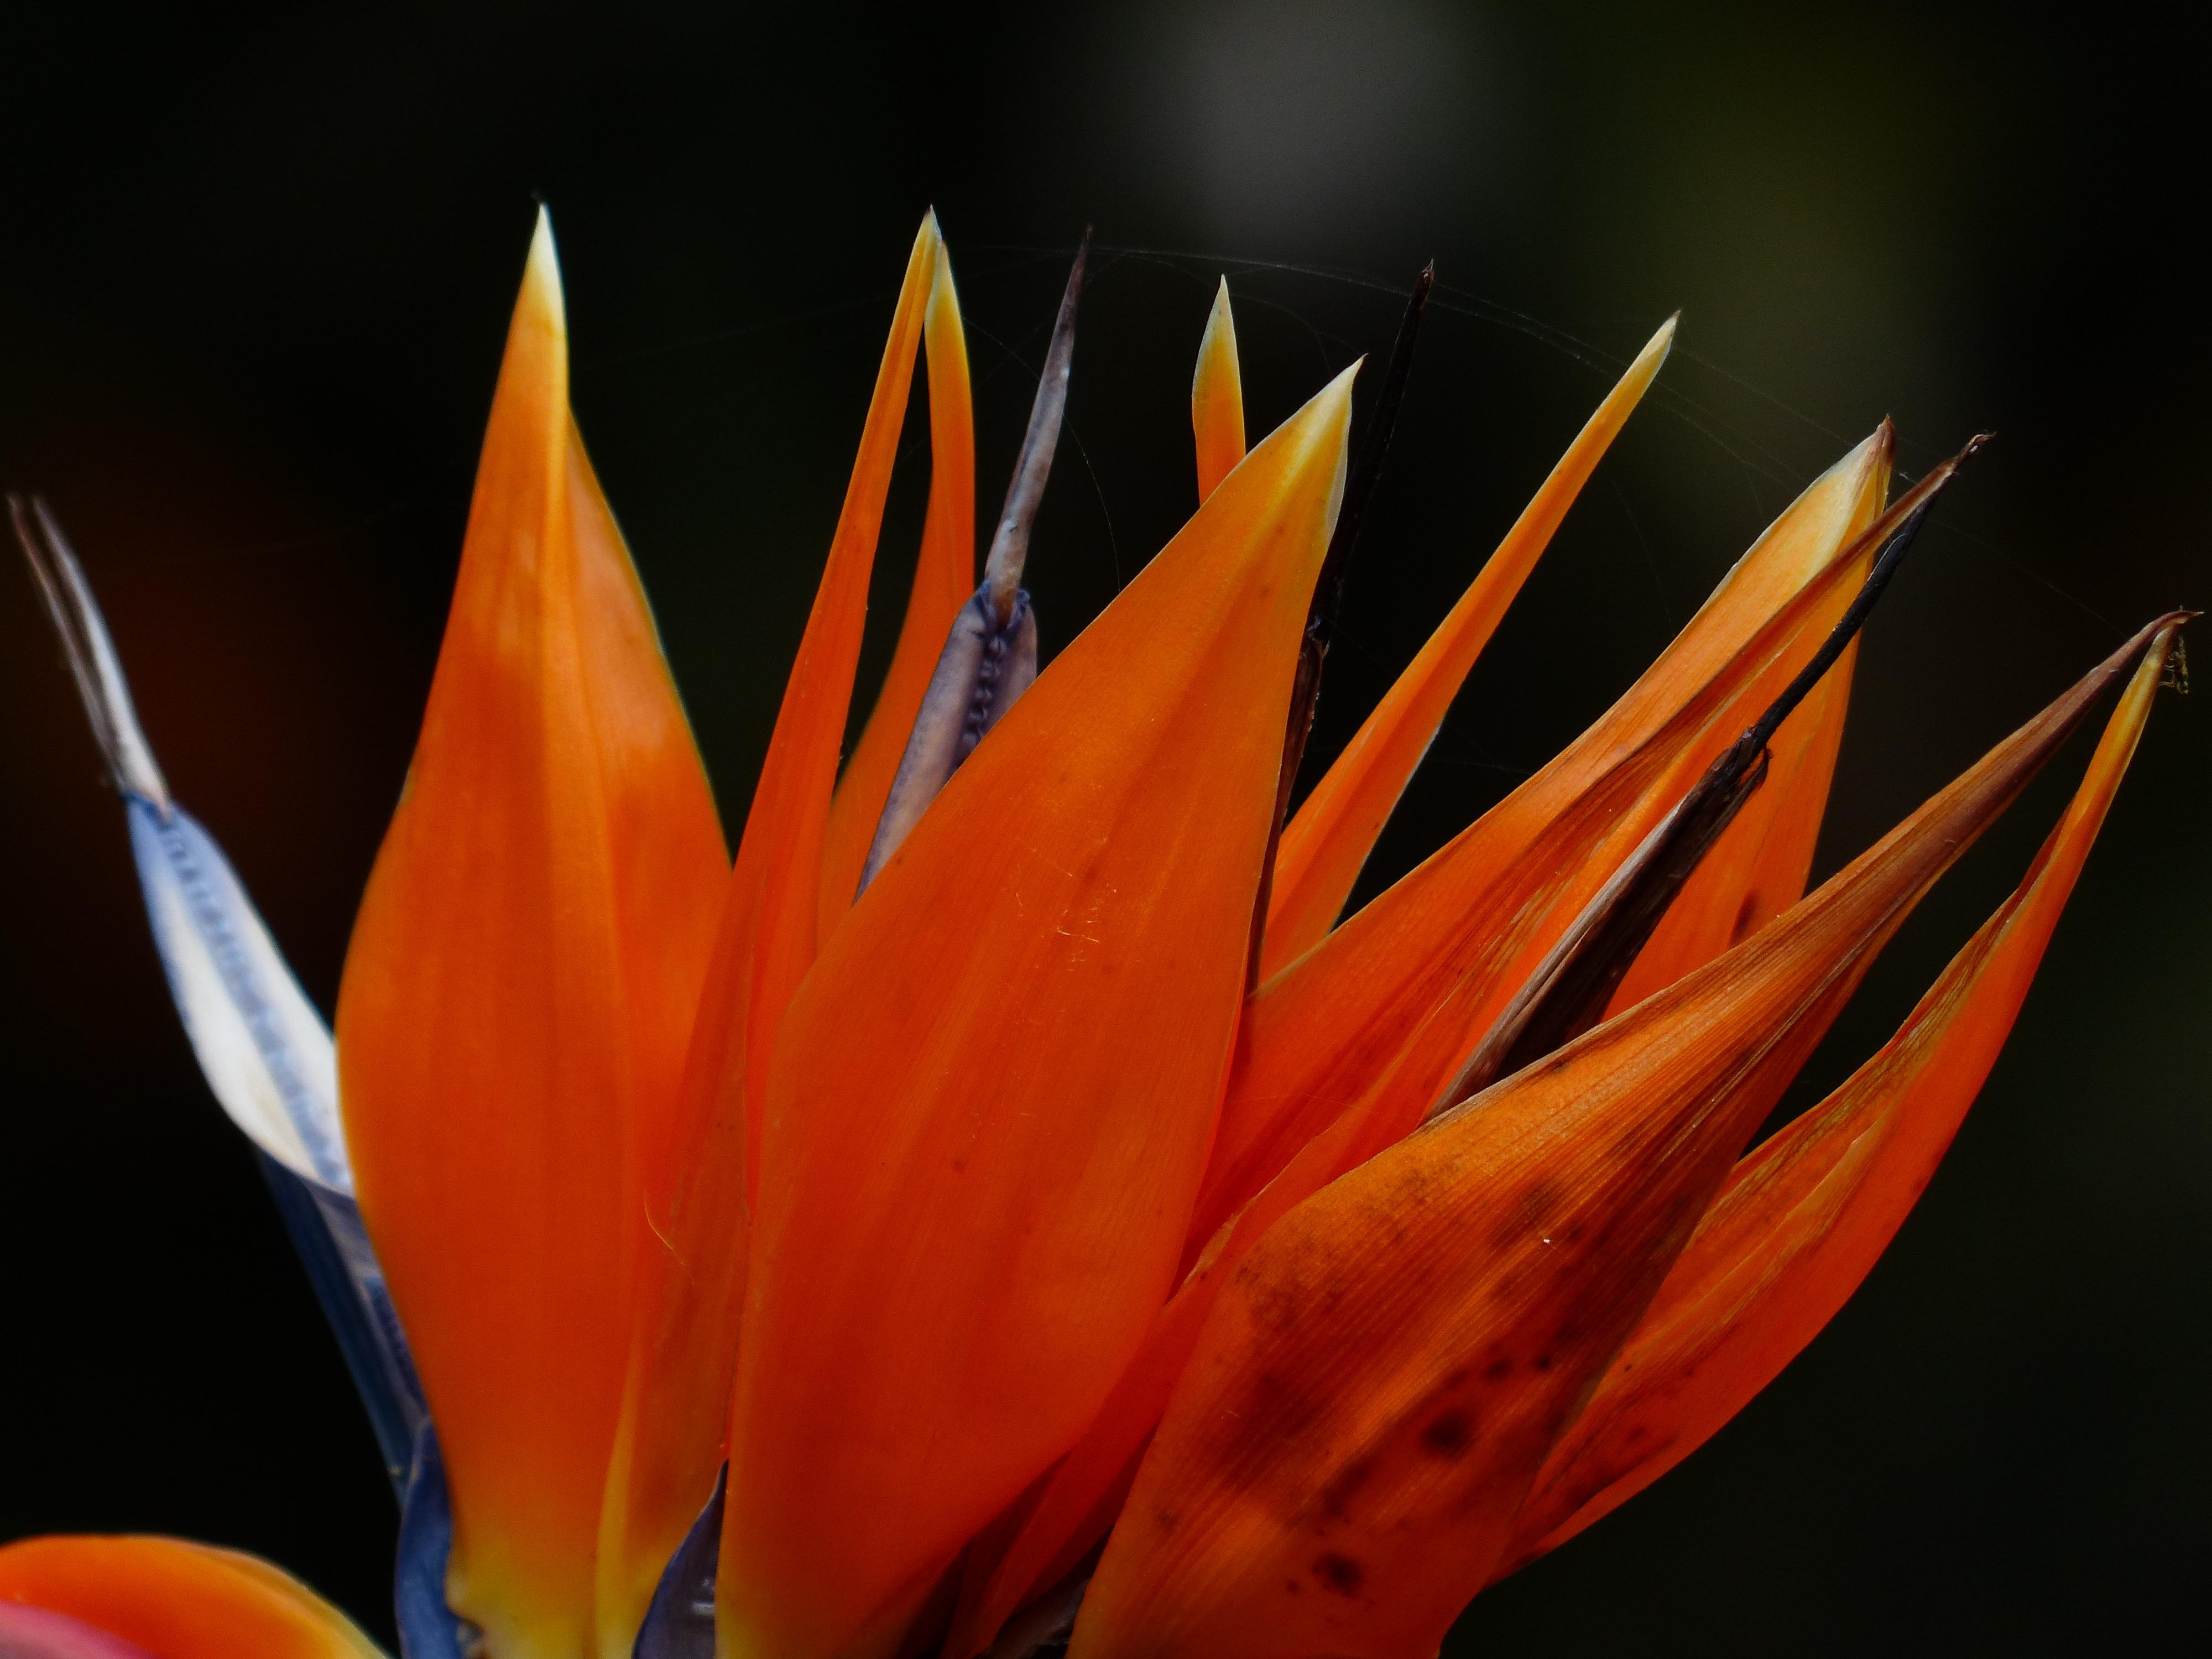 Free Images : blossom, leaf, petal, bloom, red, color, botany, blue ...